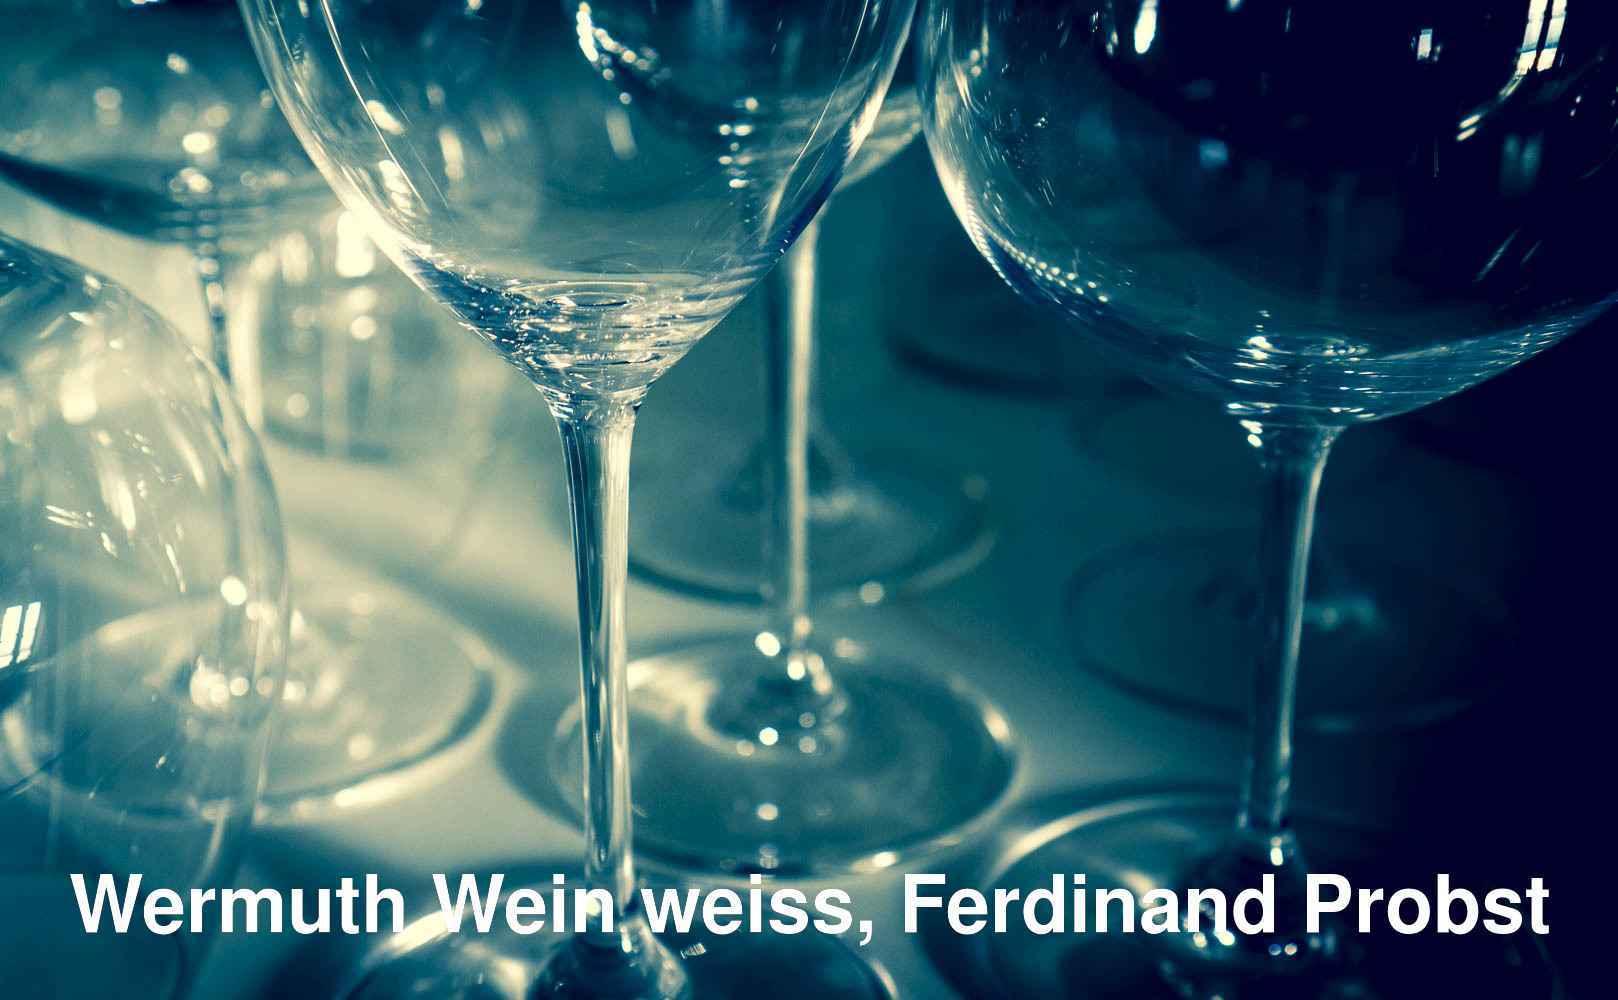 Go to Wermuth Wein weiss, Ferdinand Probst von Schwarzer Brennerei aus Lienz, Österreich